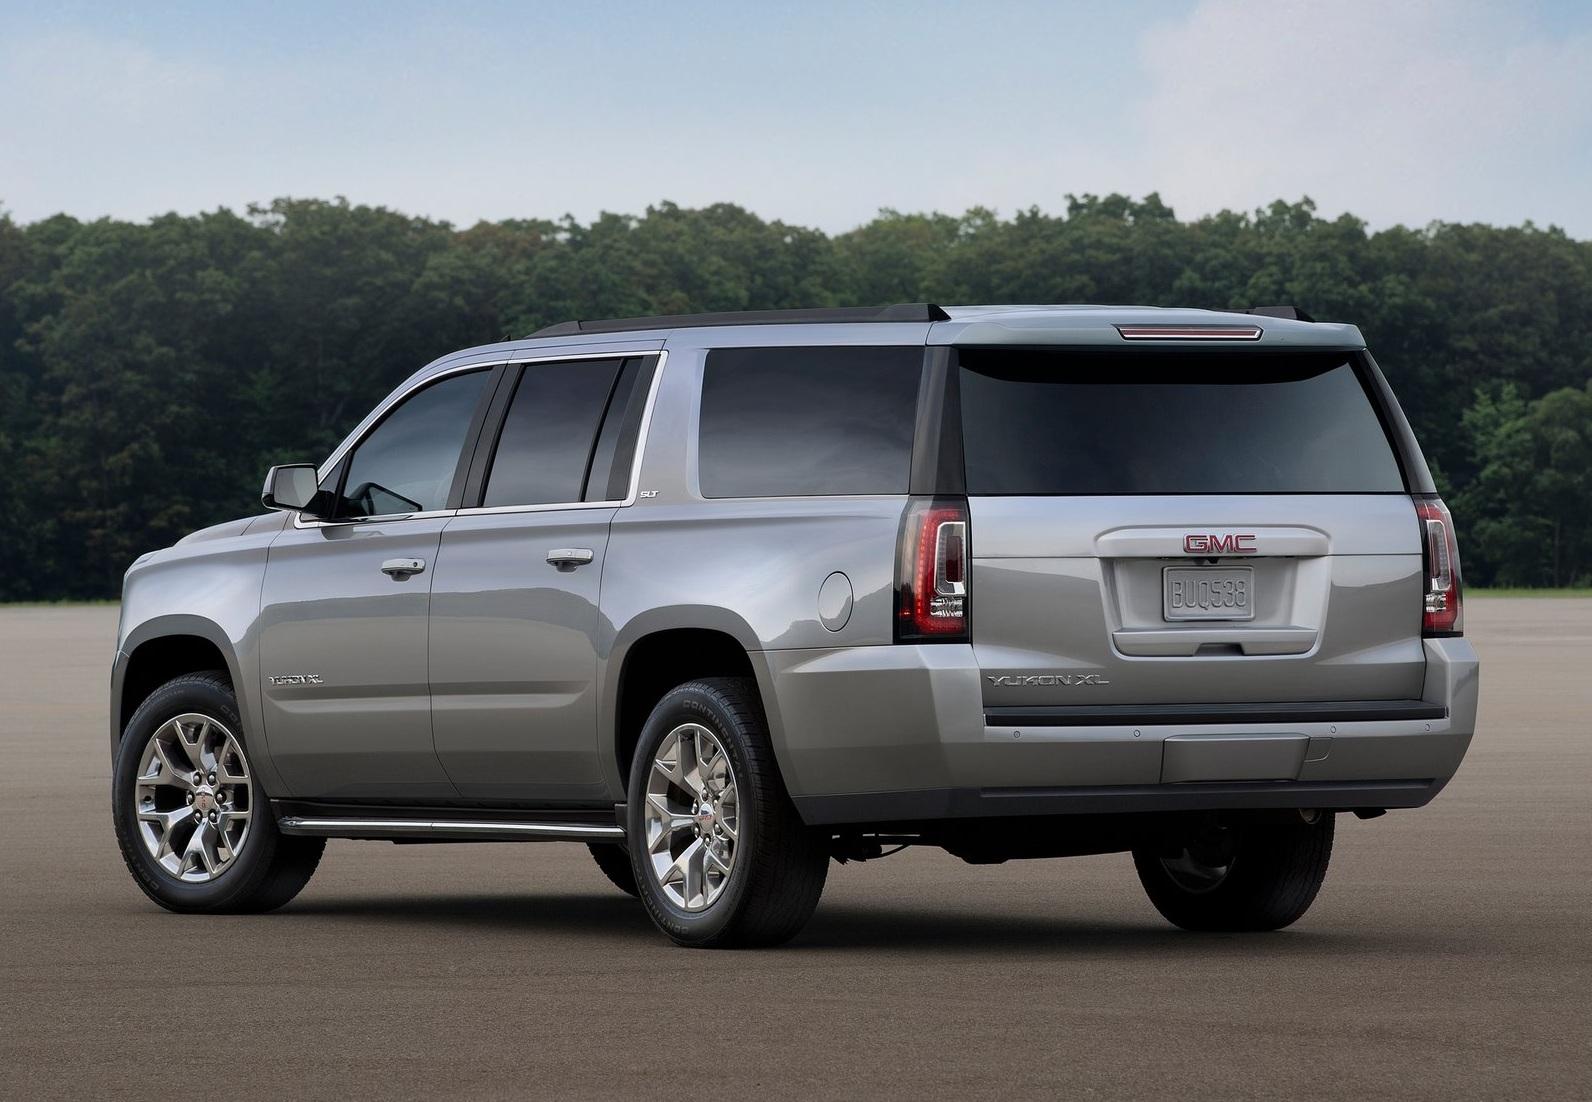 2015 GMC Yukon XL Rear Side Design